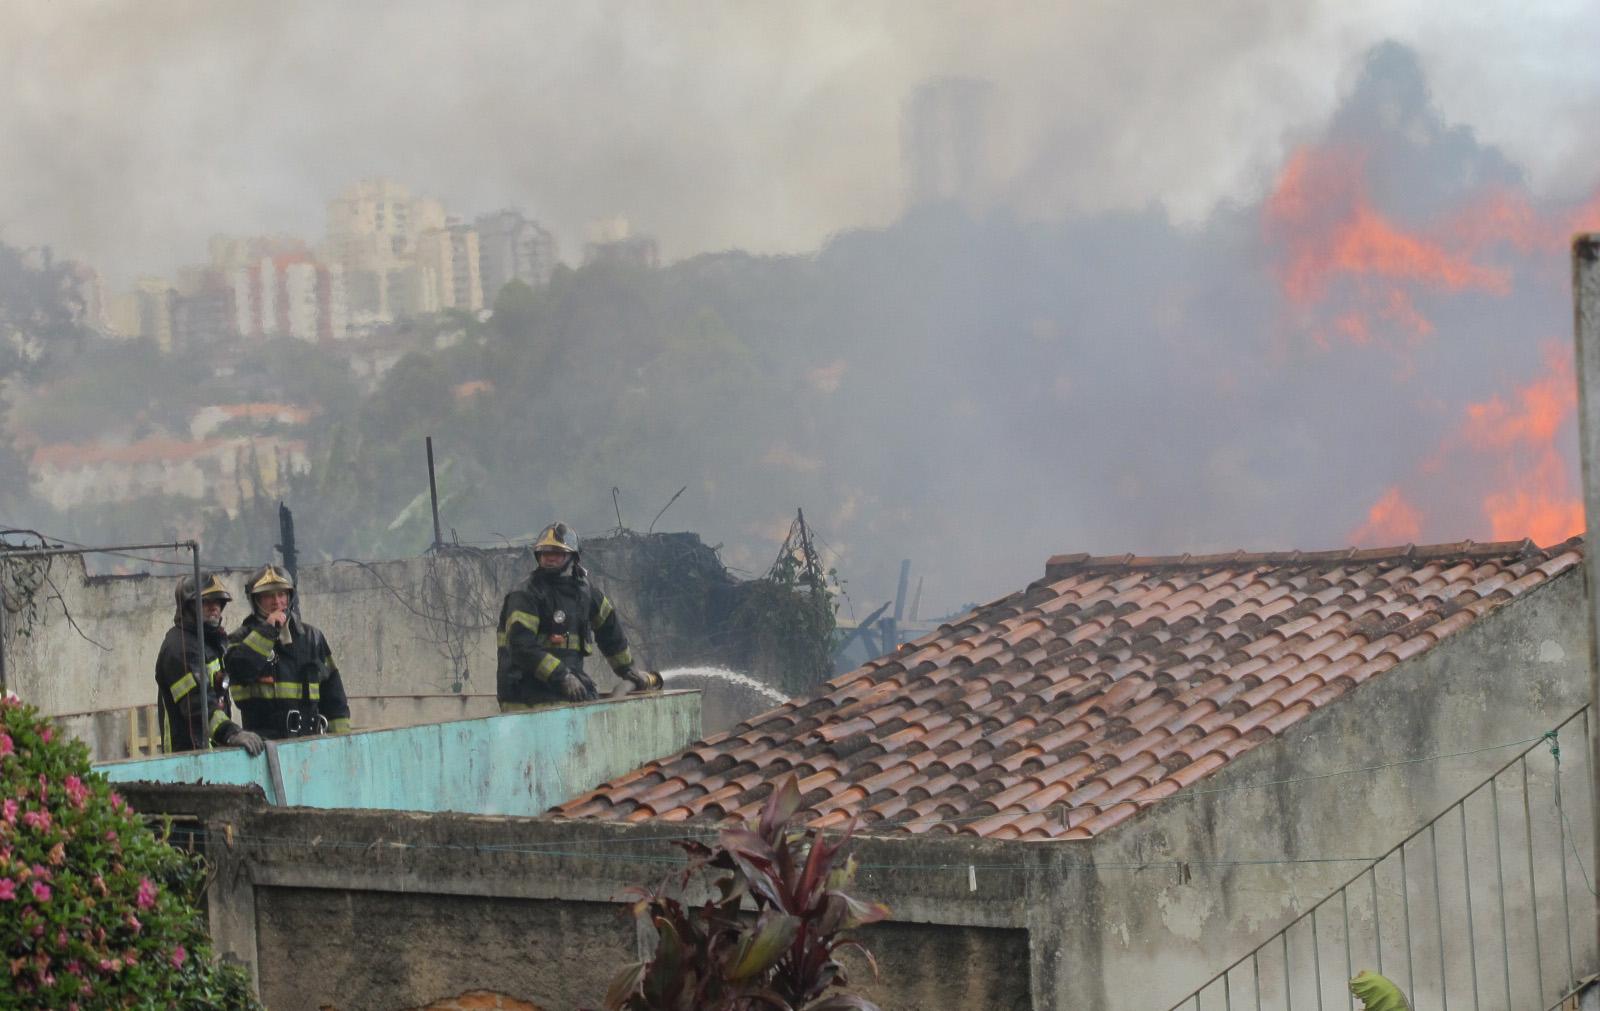 Da laje de uma casa, bombeiros tentam combater fogo